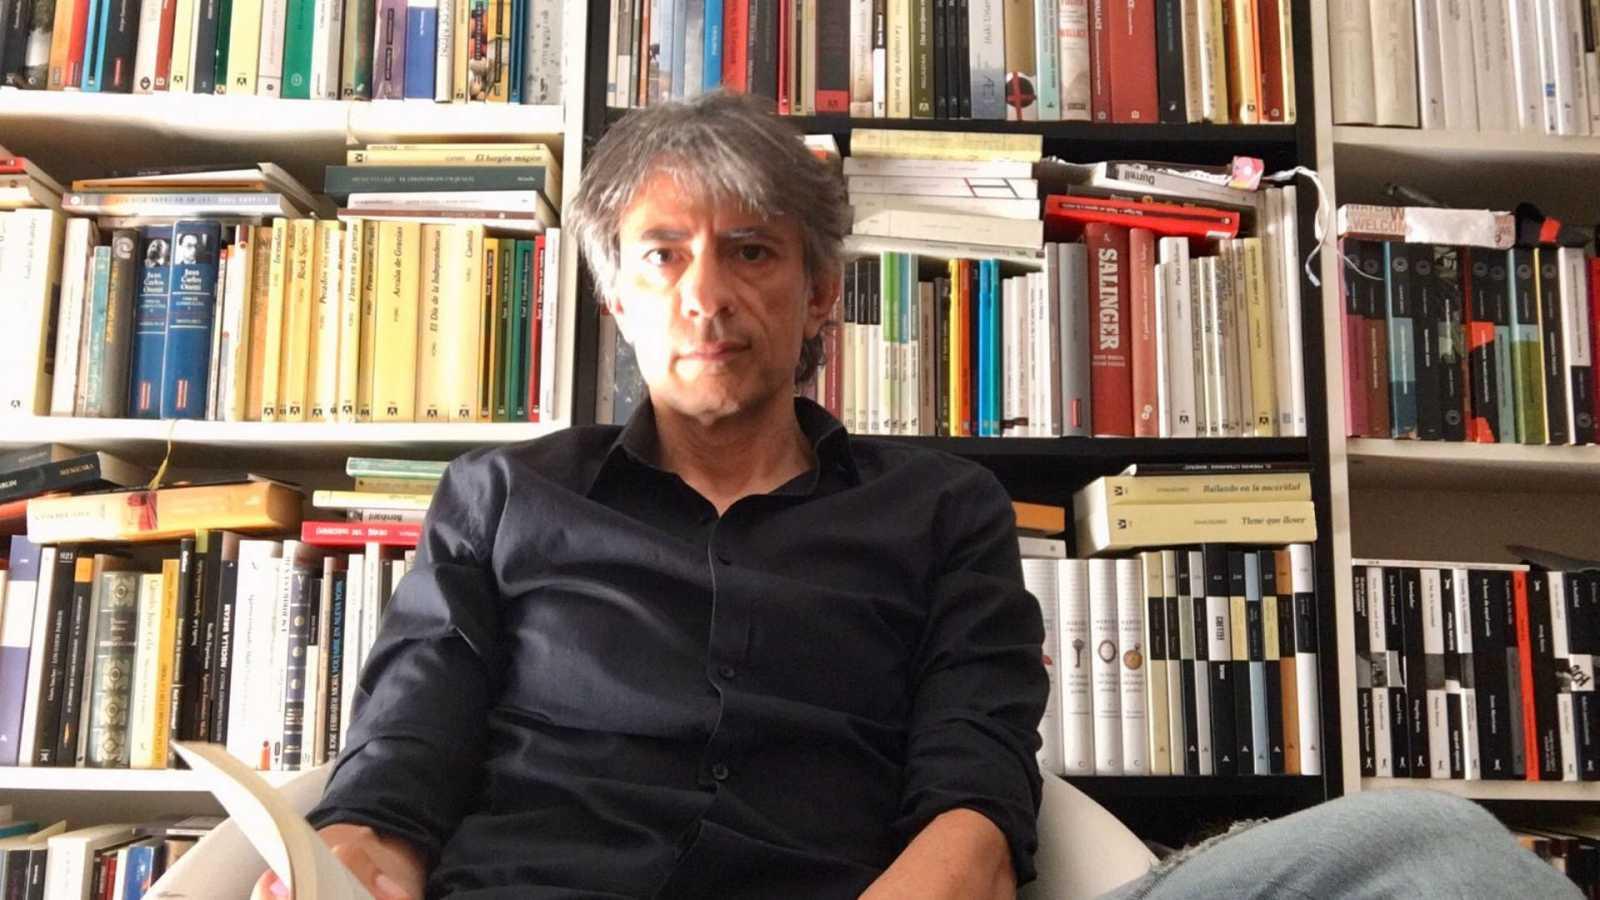 Diálogo y espejo - Juan Tallón: 'El pasado es un lugar de regreso aunque tú no lo quieras' - 20/06/20 - escuchar ahora